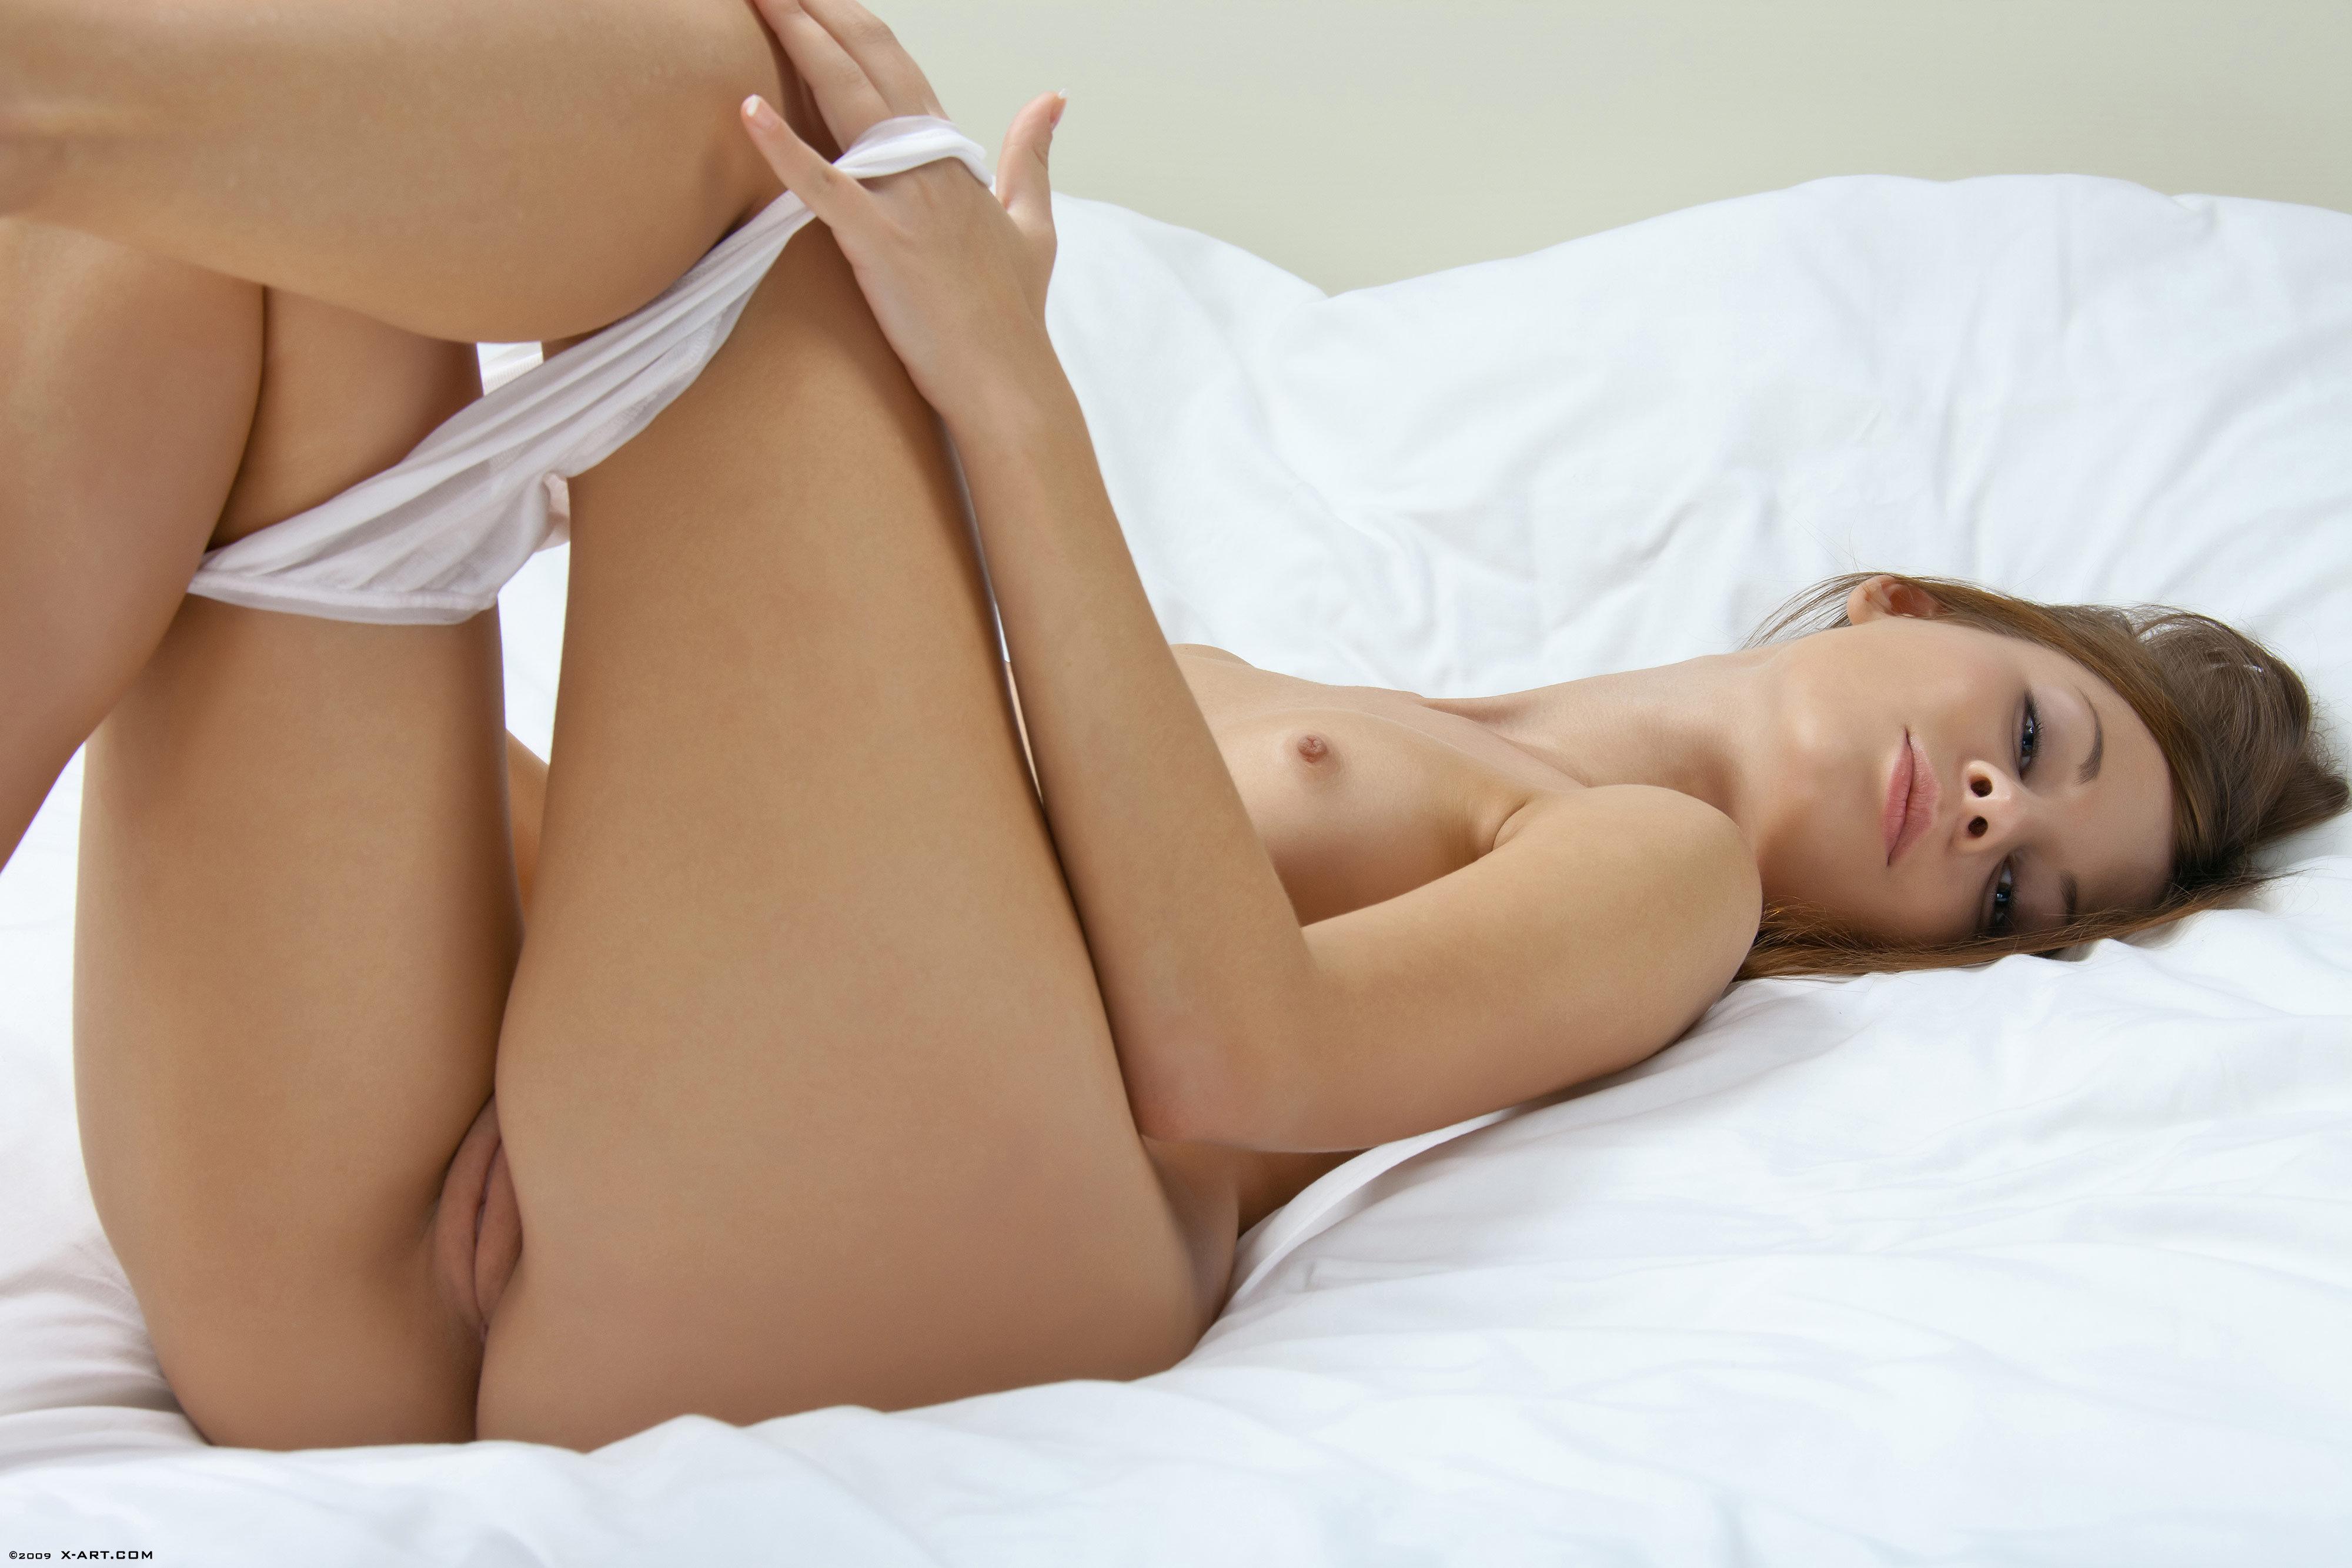 Секс впрзрачных трусиках бесплатно 13 фотография